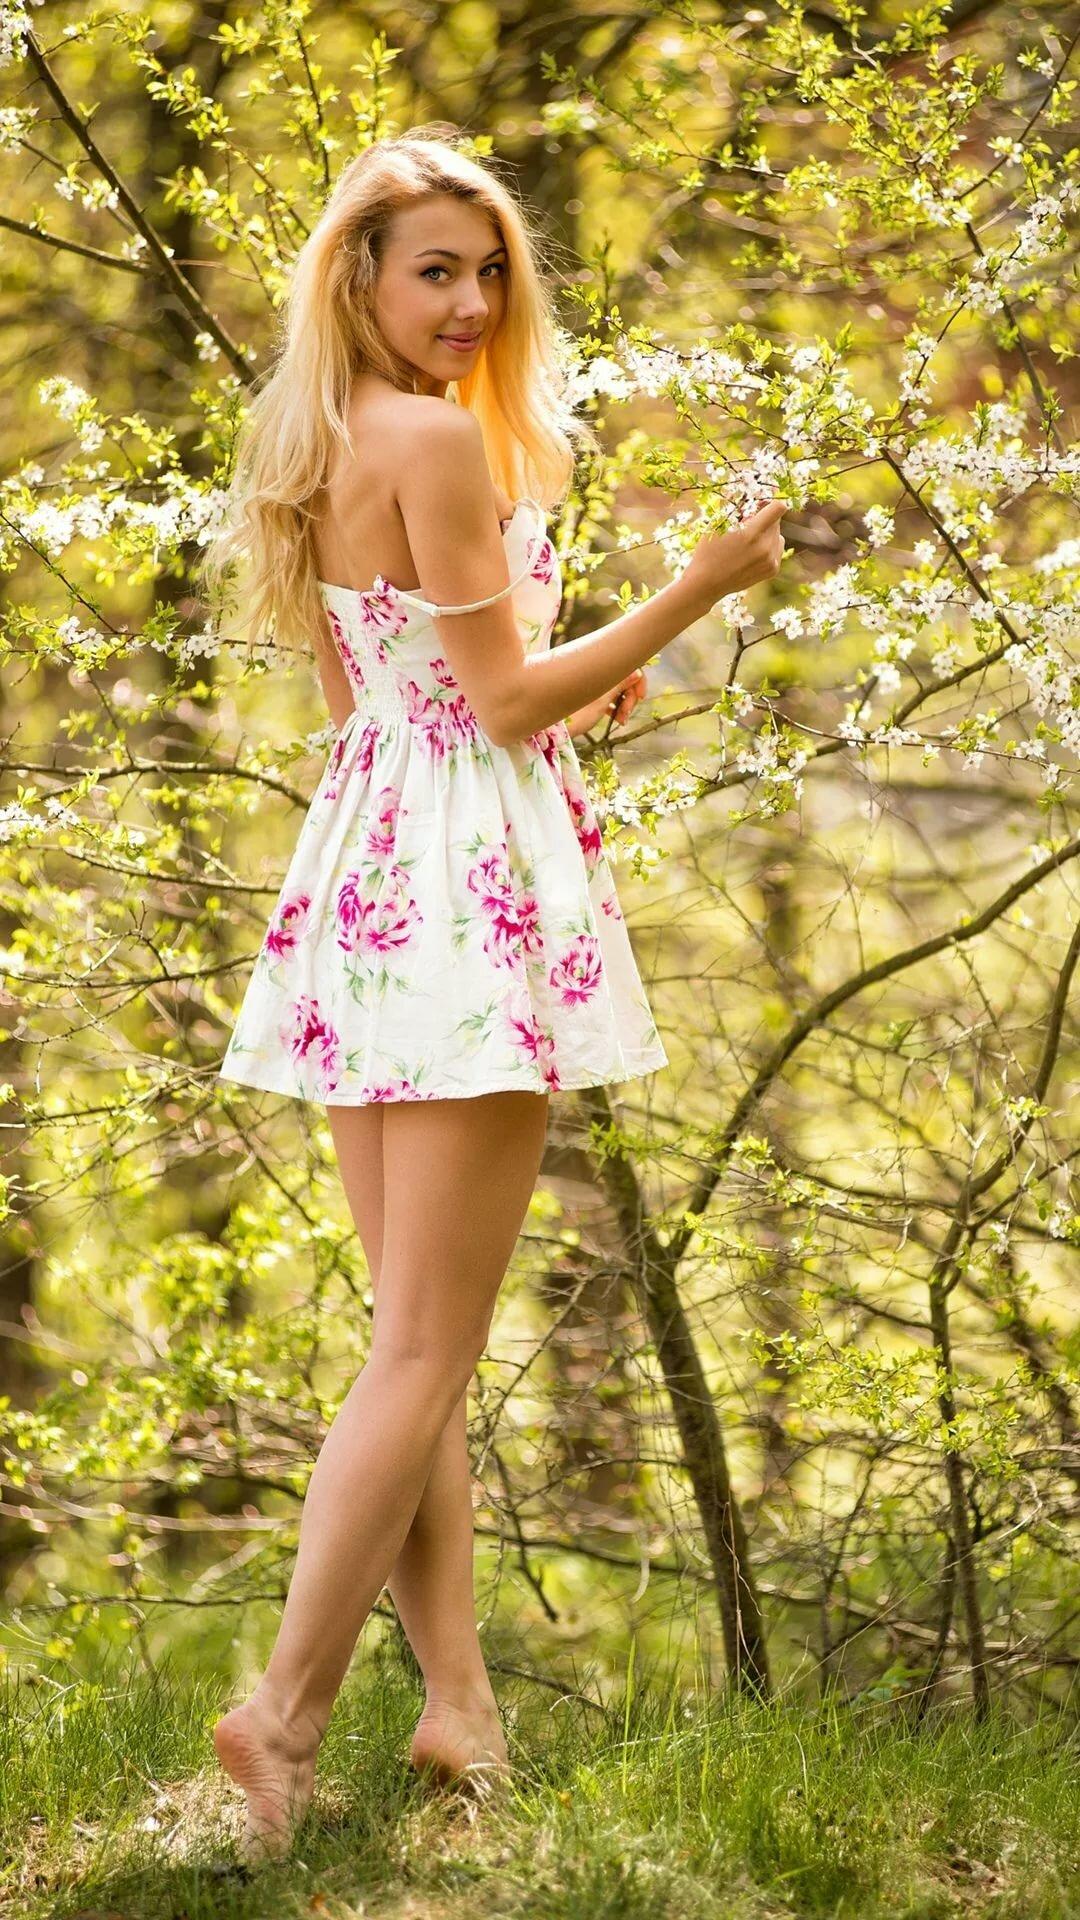 Sexy girls ruffle skirts summer school high waist stretch skirt mini dress plaid